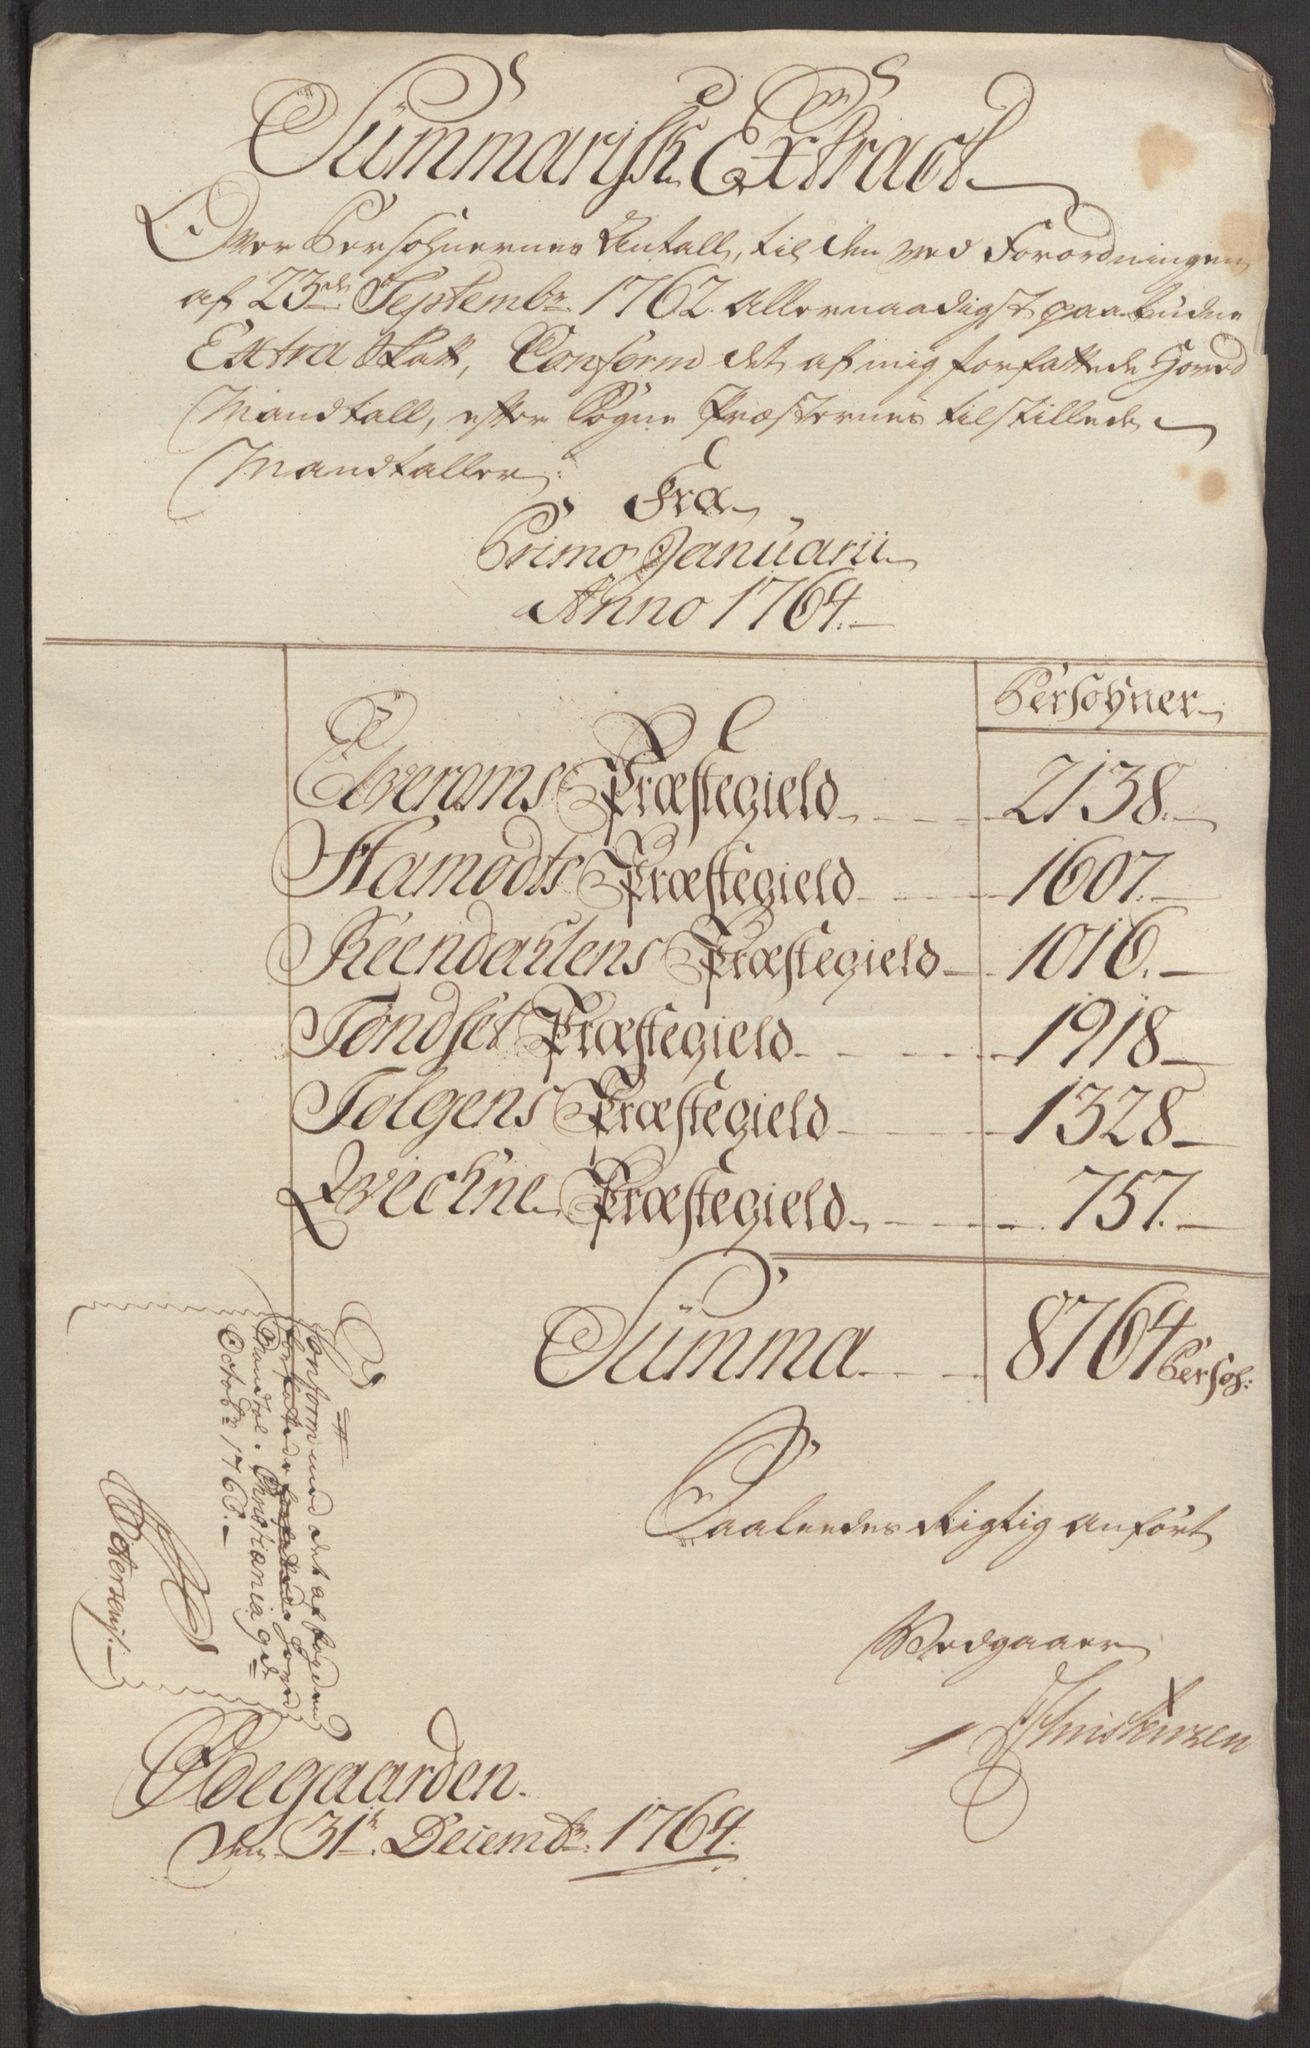 RA, Rentekammeret inntil 1814, Reviderte regnskaper, Fogderegnskap, R15/L1014: Ekstraskatten Østerdal, 1762-1764, s. 501